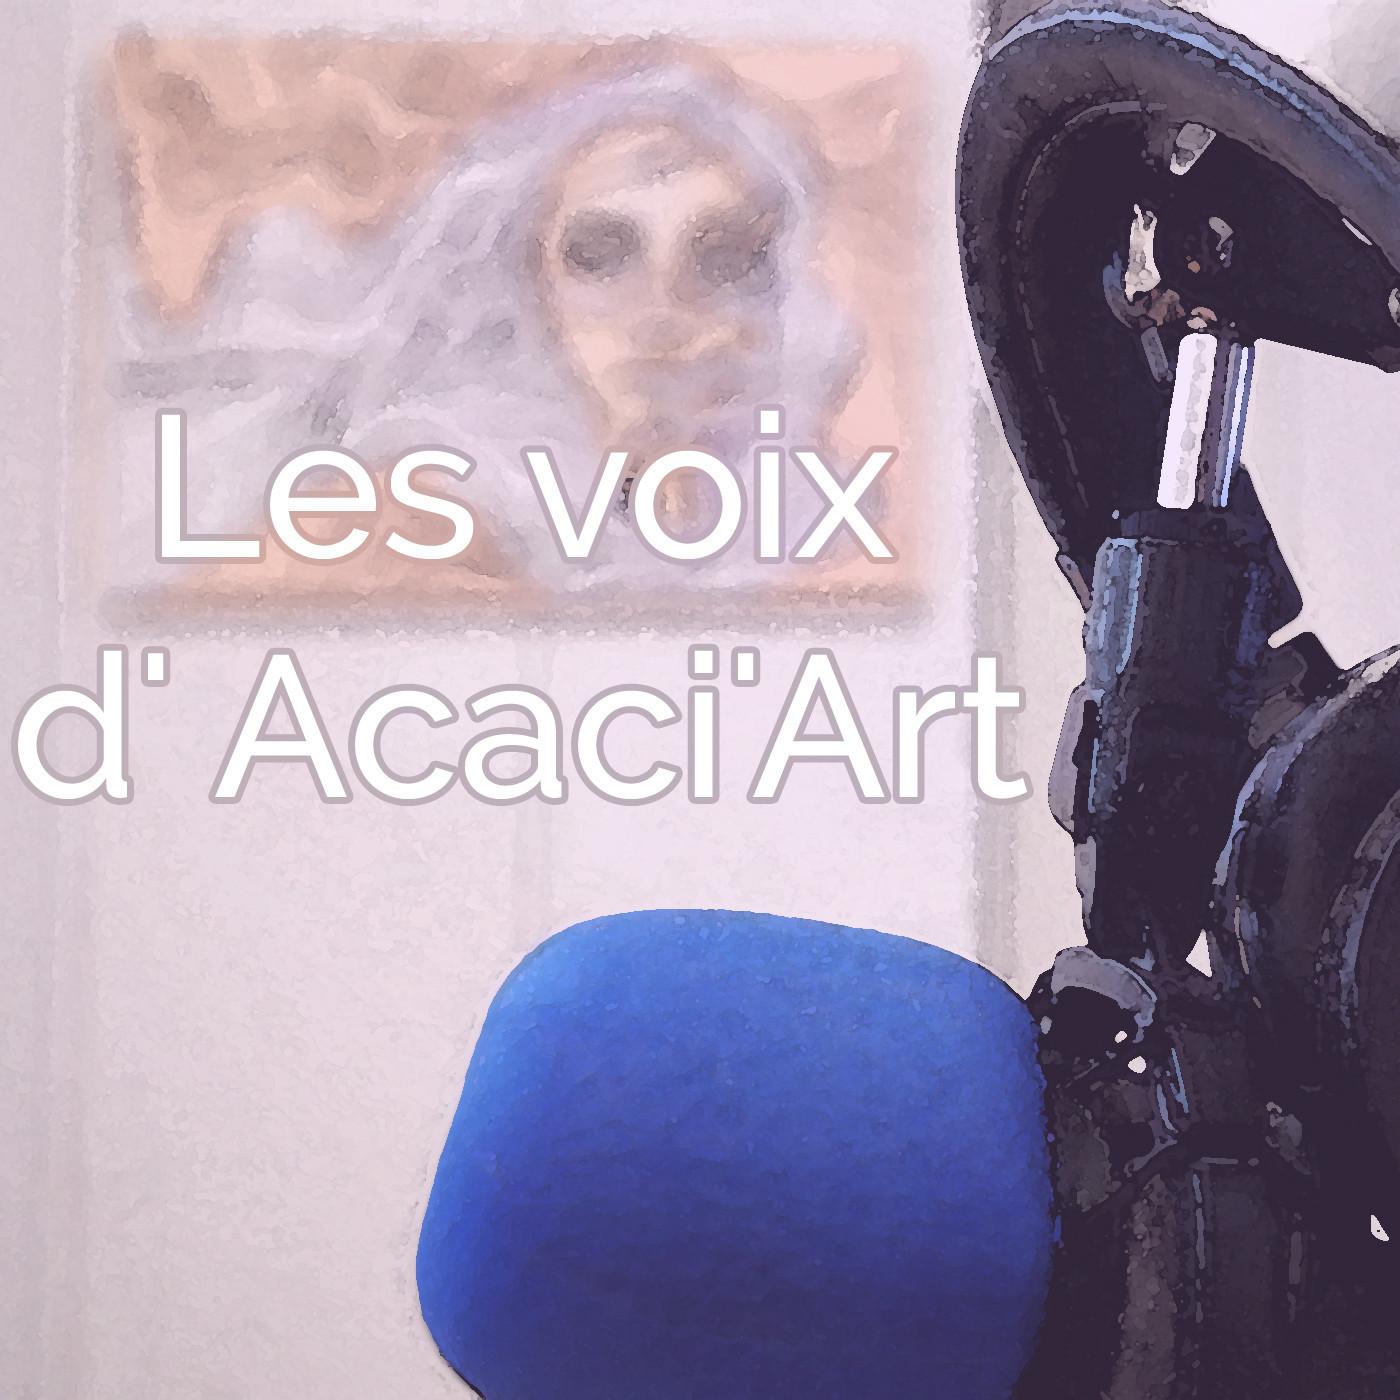 Les Voix d'Acaci'Art - Alexandra Zakharova - Artiste photographe